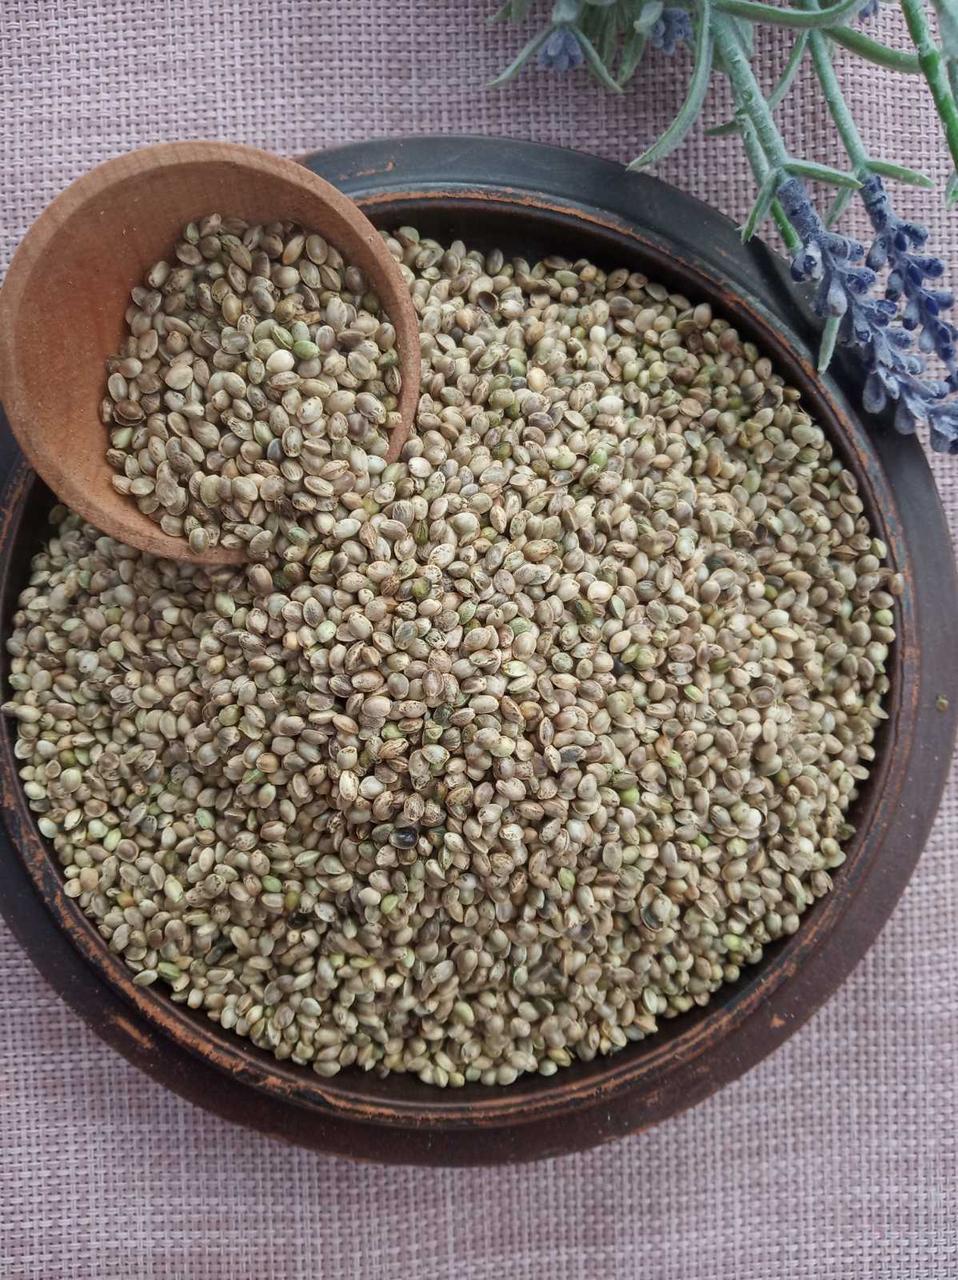 Семена конопли купить в харькове как провезти коноплю поездом